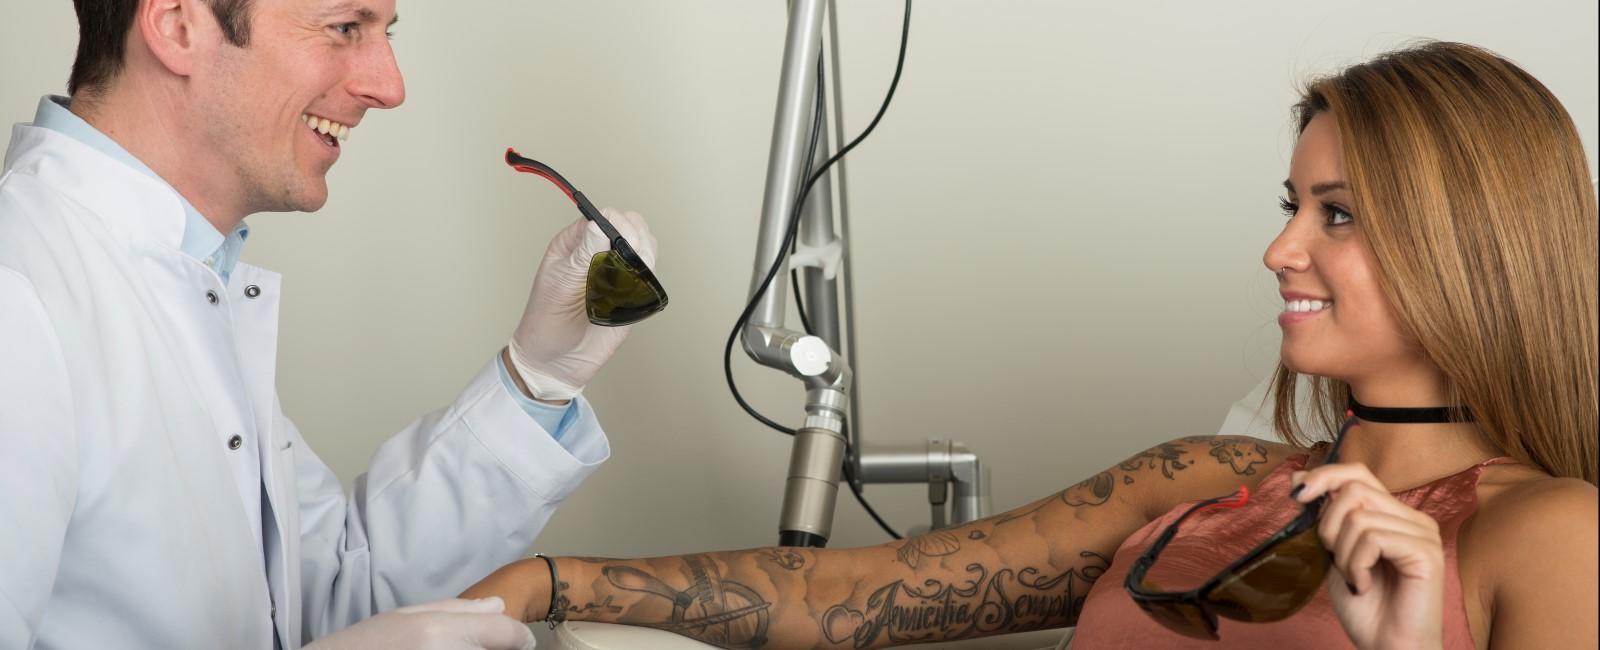 Tattooentfernung Wien mit Laser - Tattoo Nachbehandlung